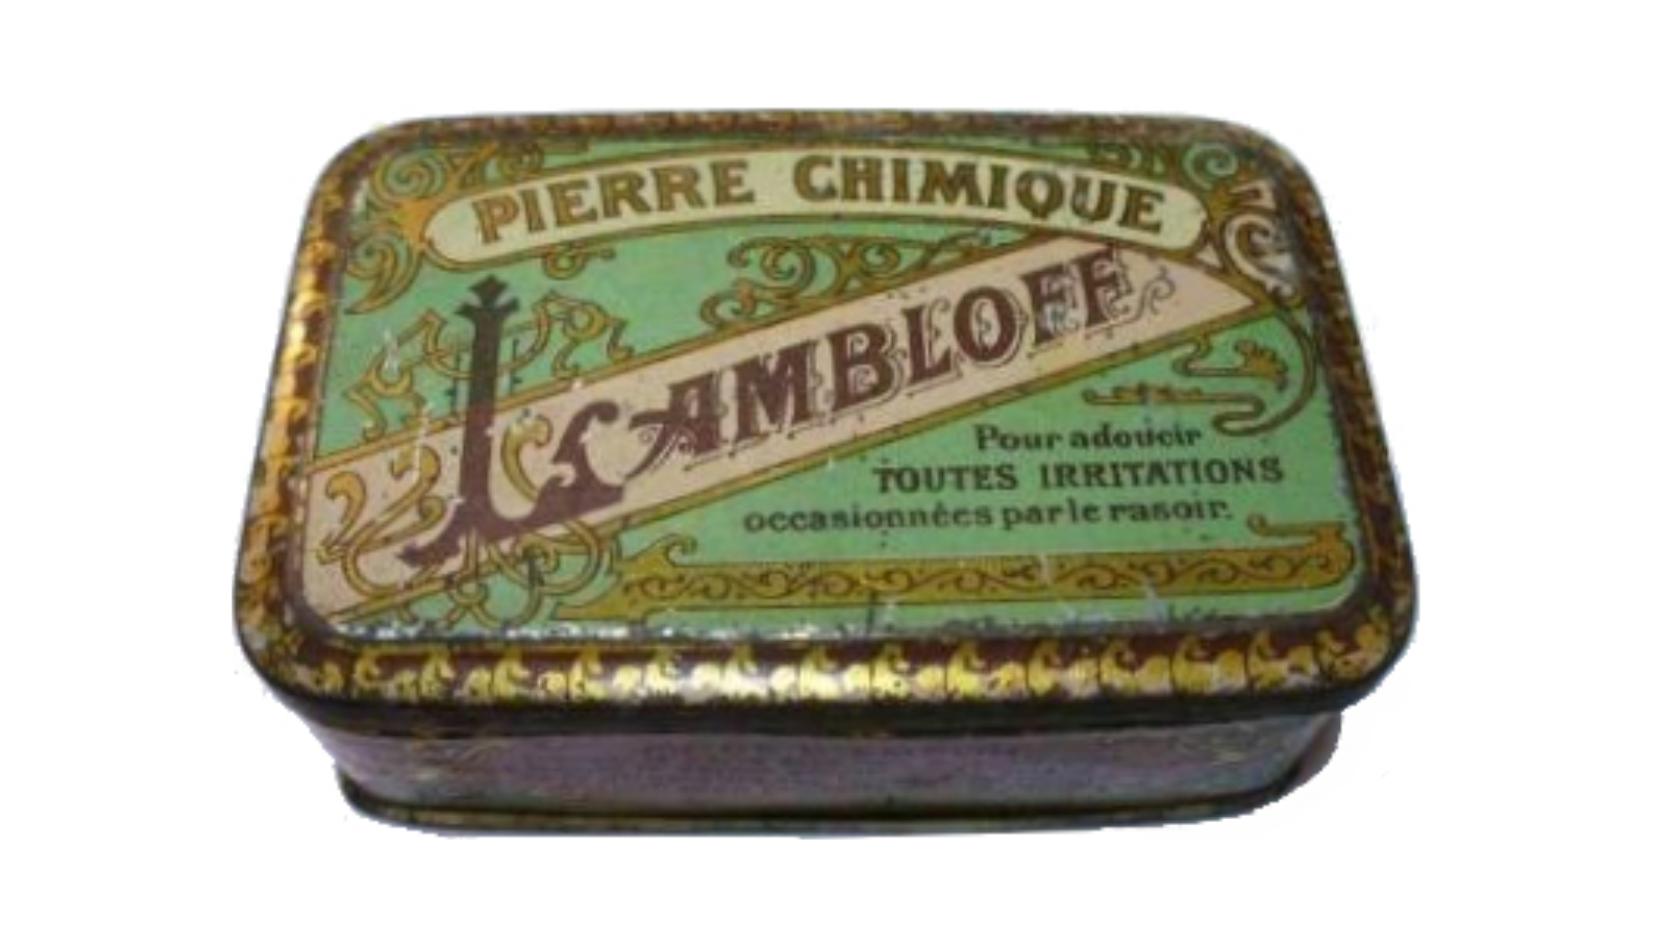 Pierre Chimique Lambloff